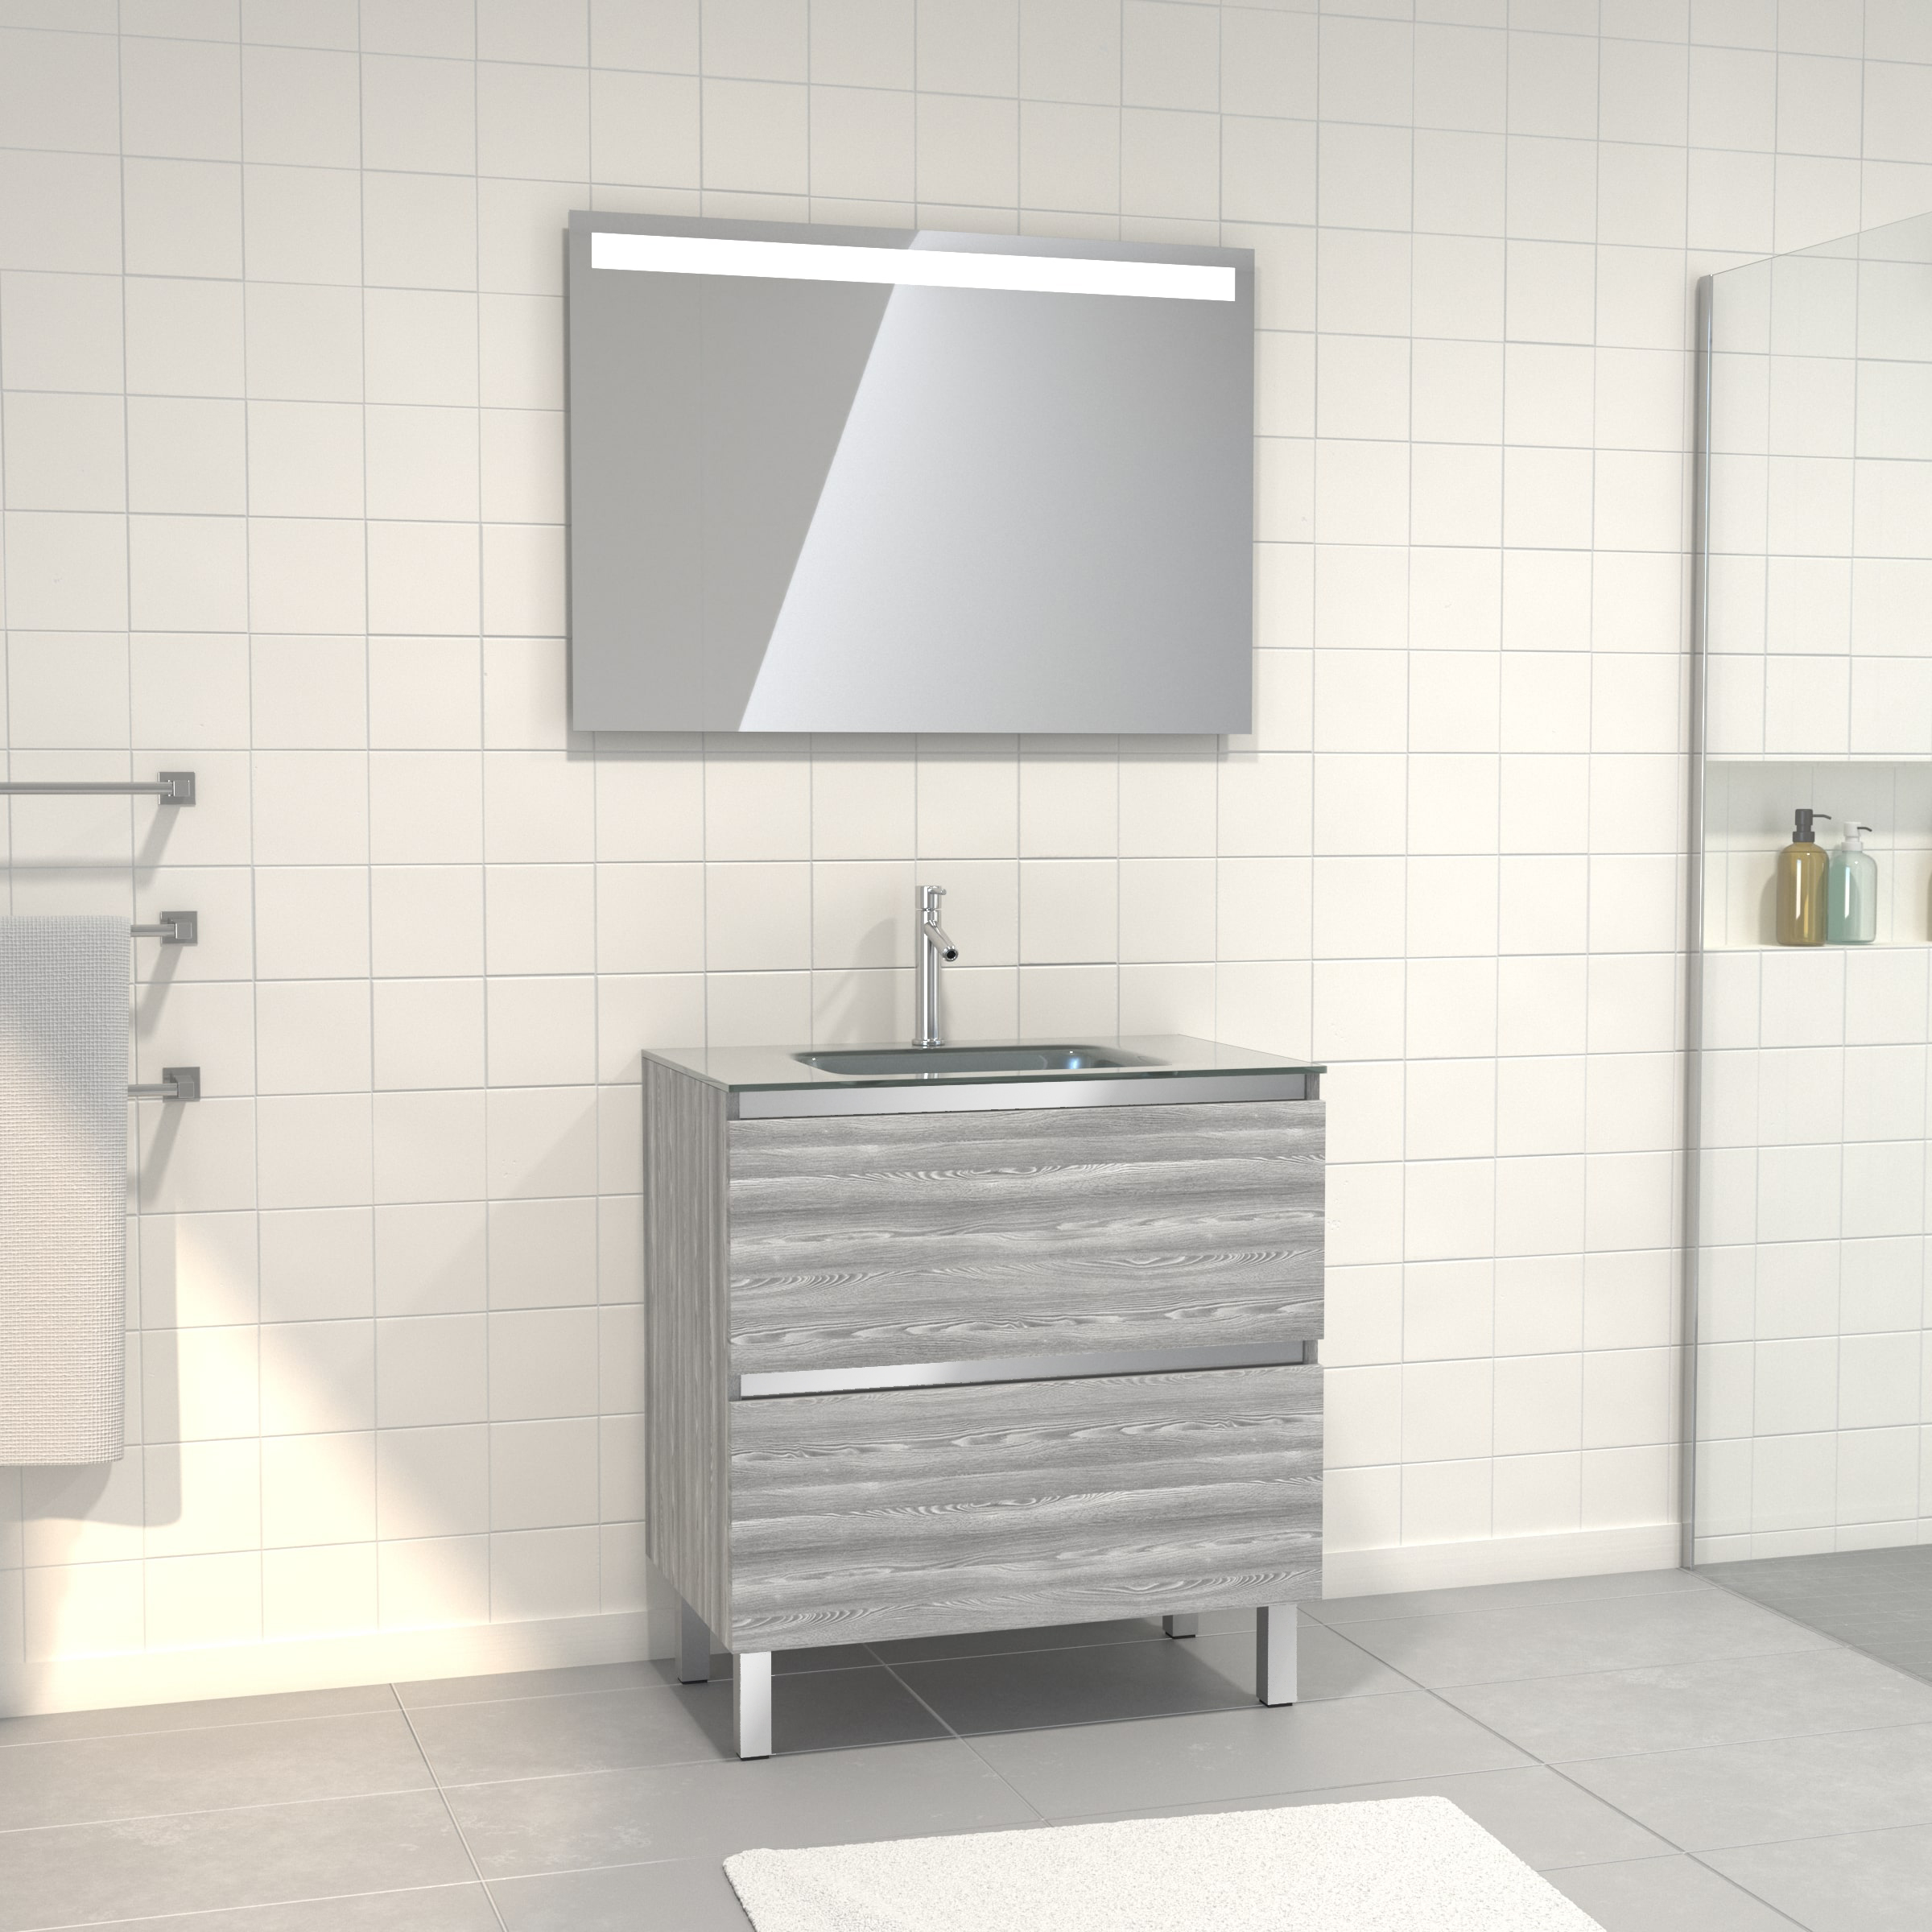 Pack Meuble de salle de bain 80x50 cm Chêne gris-blanc + vasque Argent + miroir LED 80x60